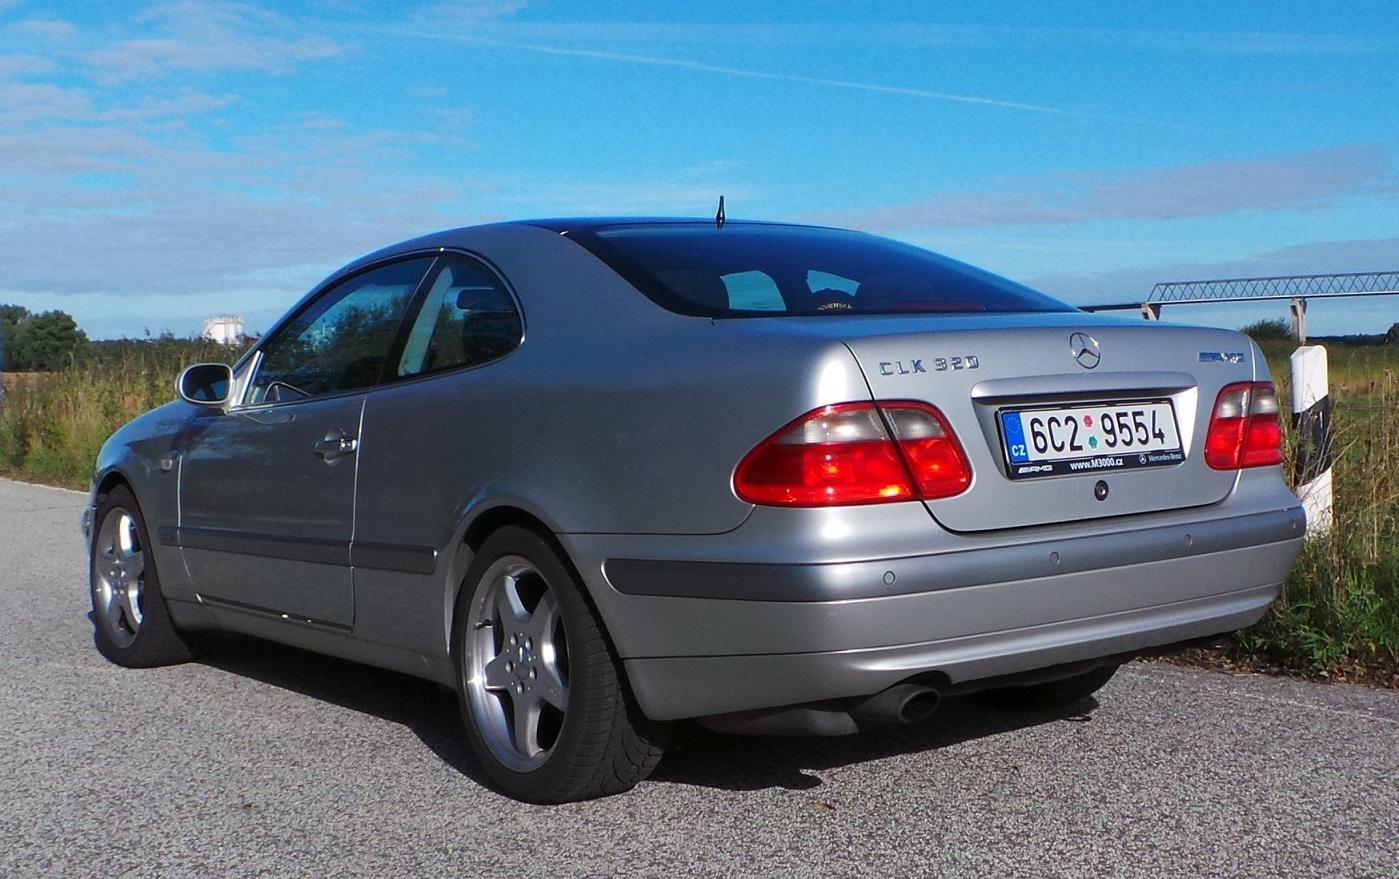 1998 mercedes benz w208 clk 3 2 195 cui v6 gasoline 160 for Mercedes benz club